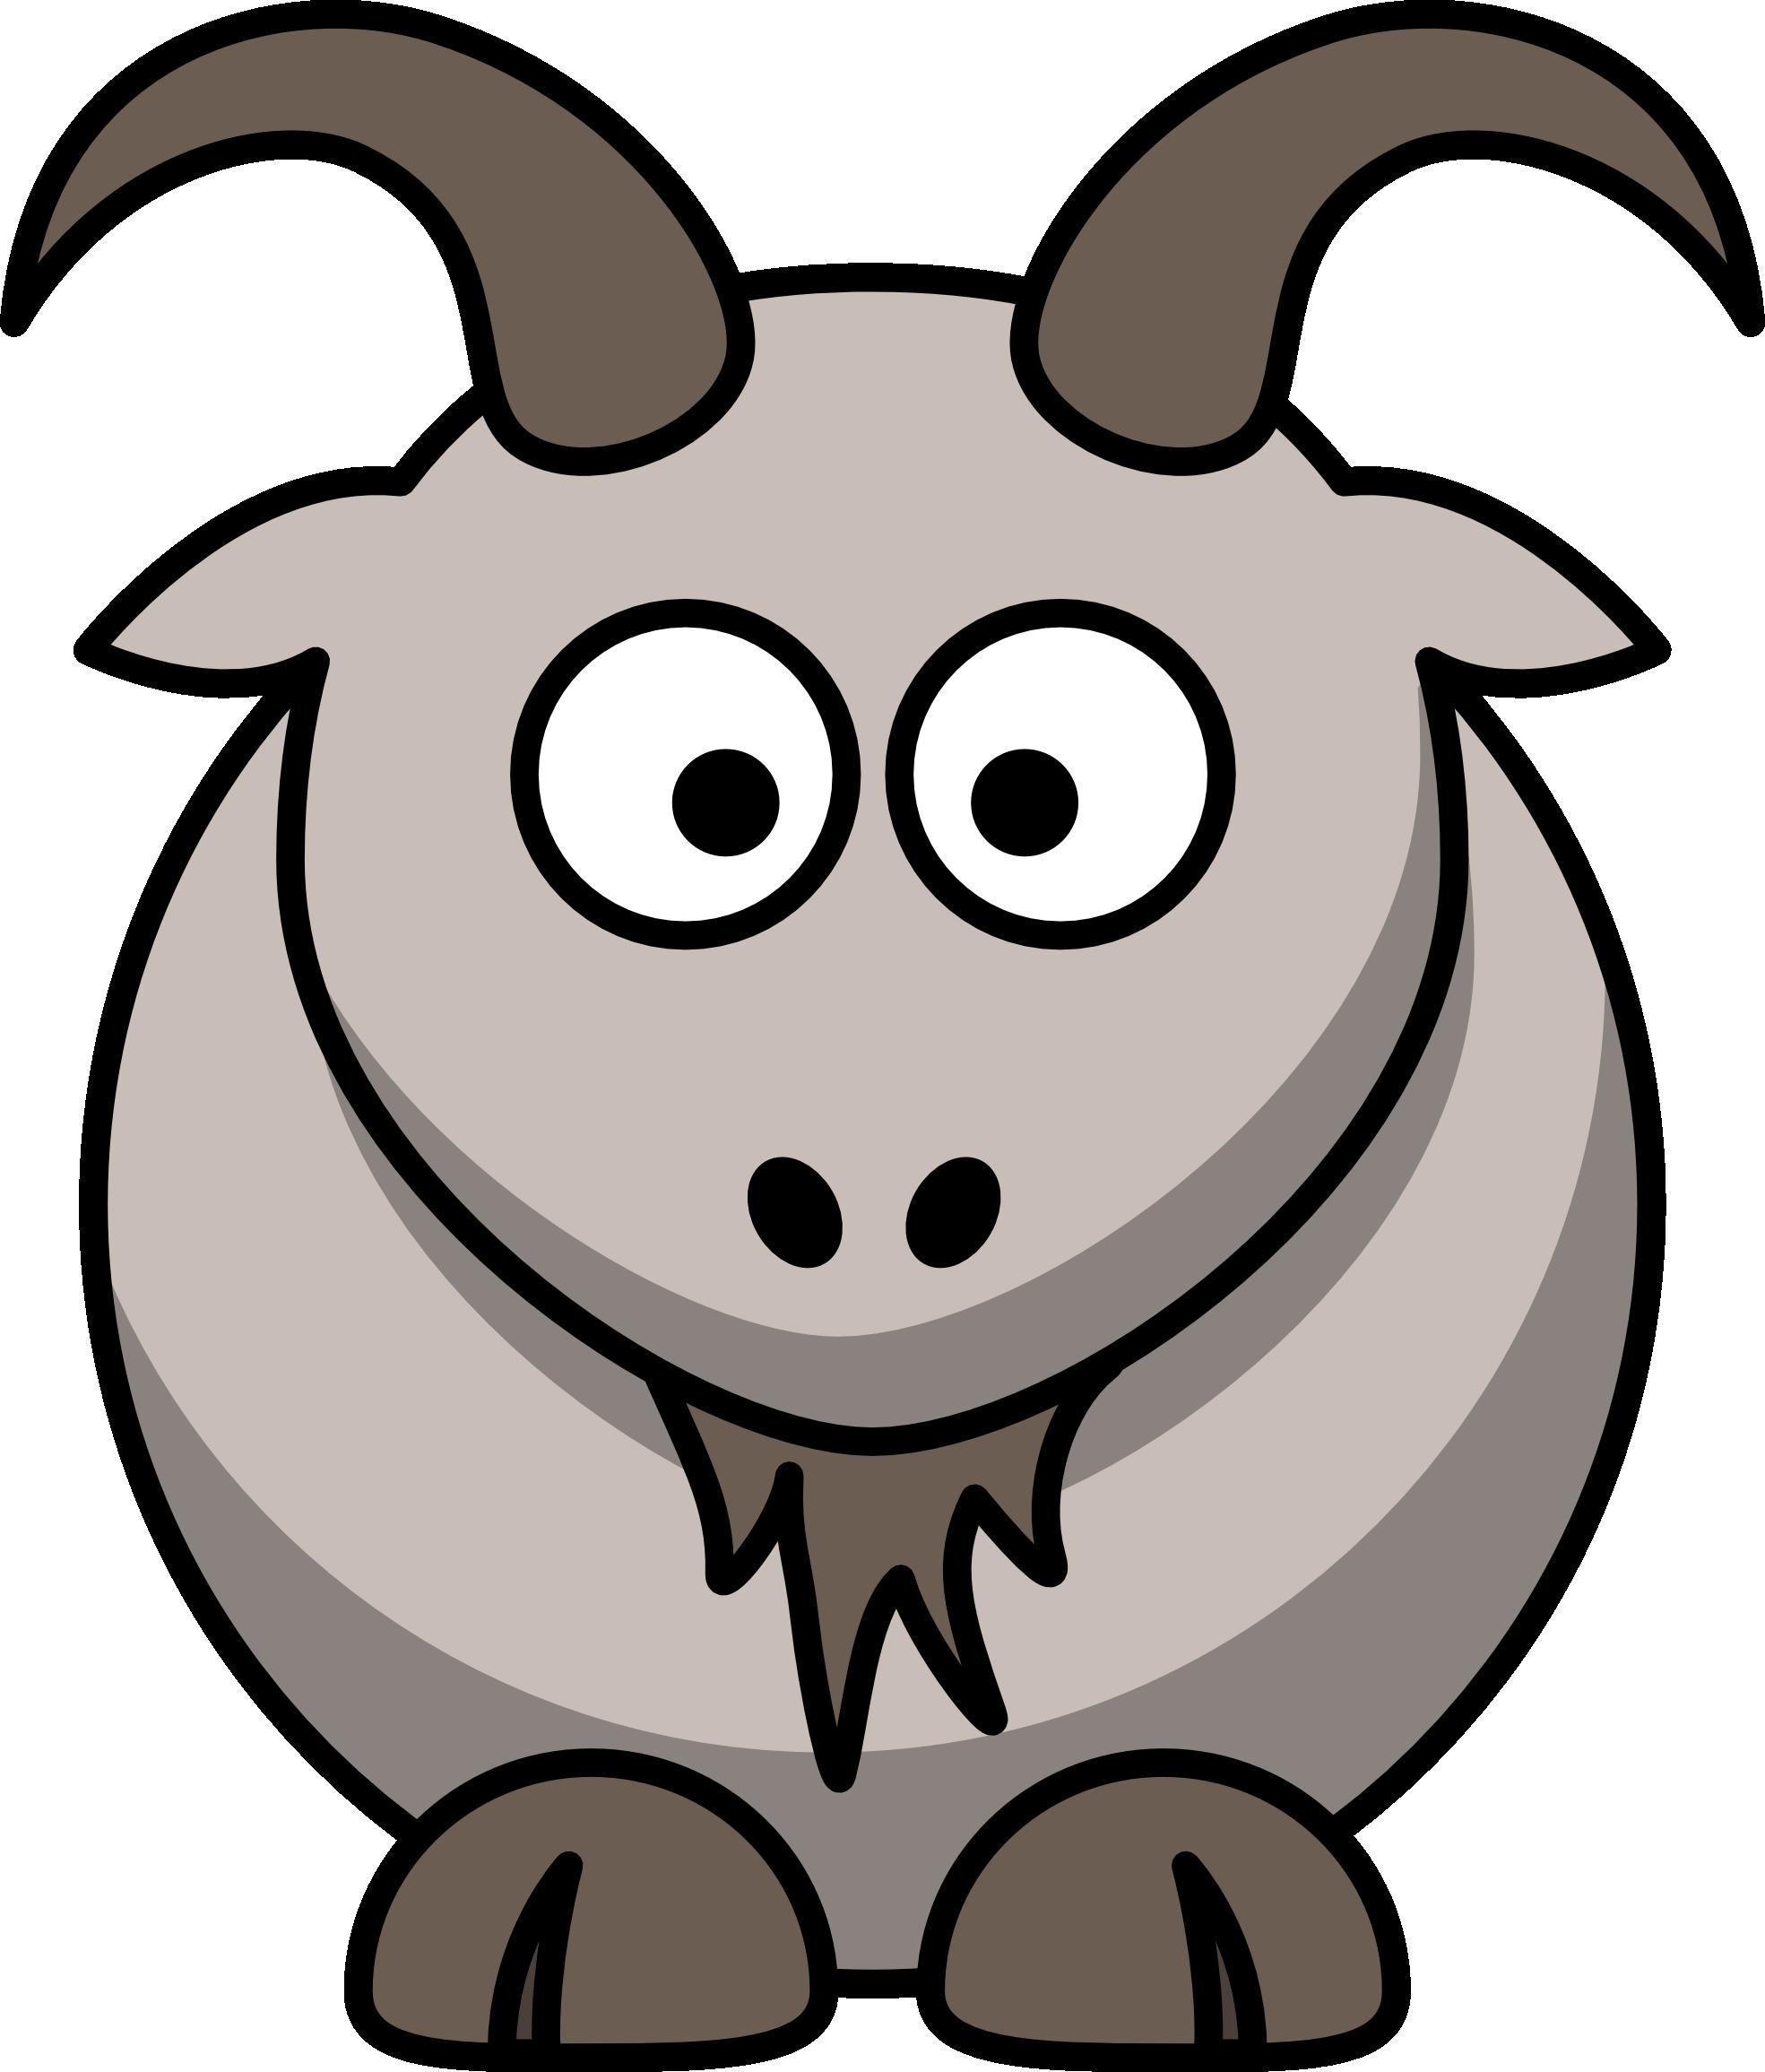 Goat Clipart Images.